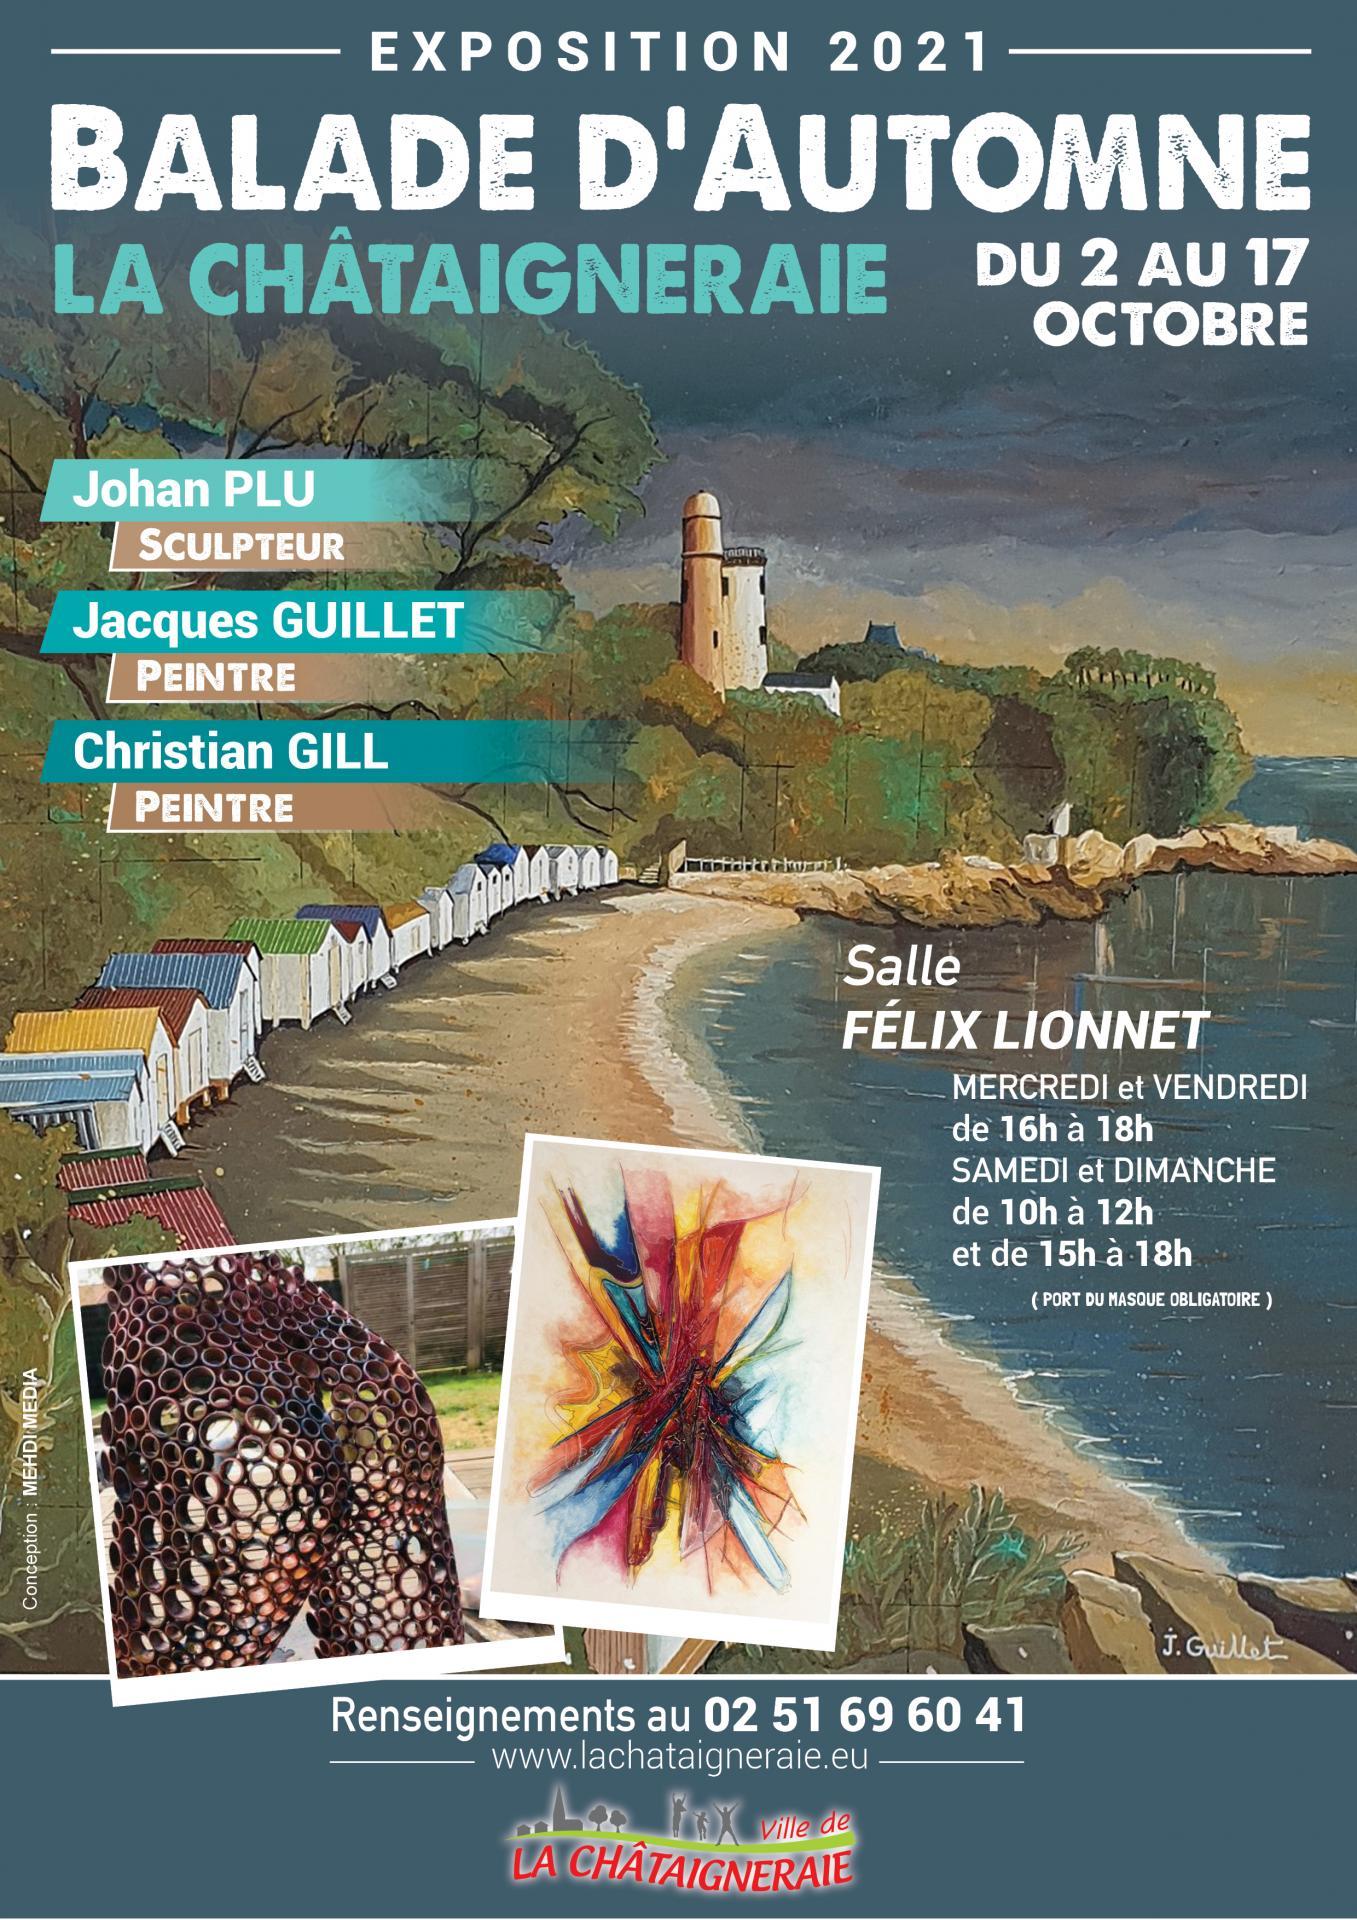 Invité Balade d automne 2021 La Chataigneraie (Vendée)